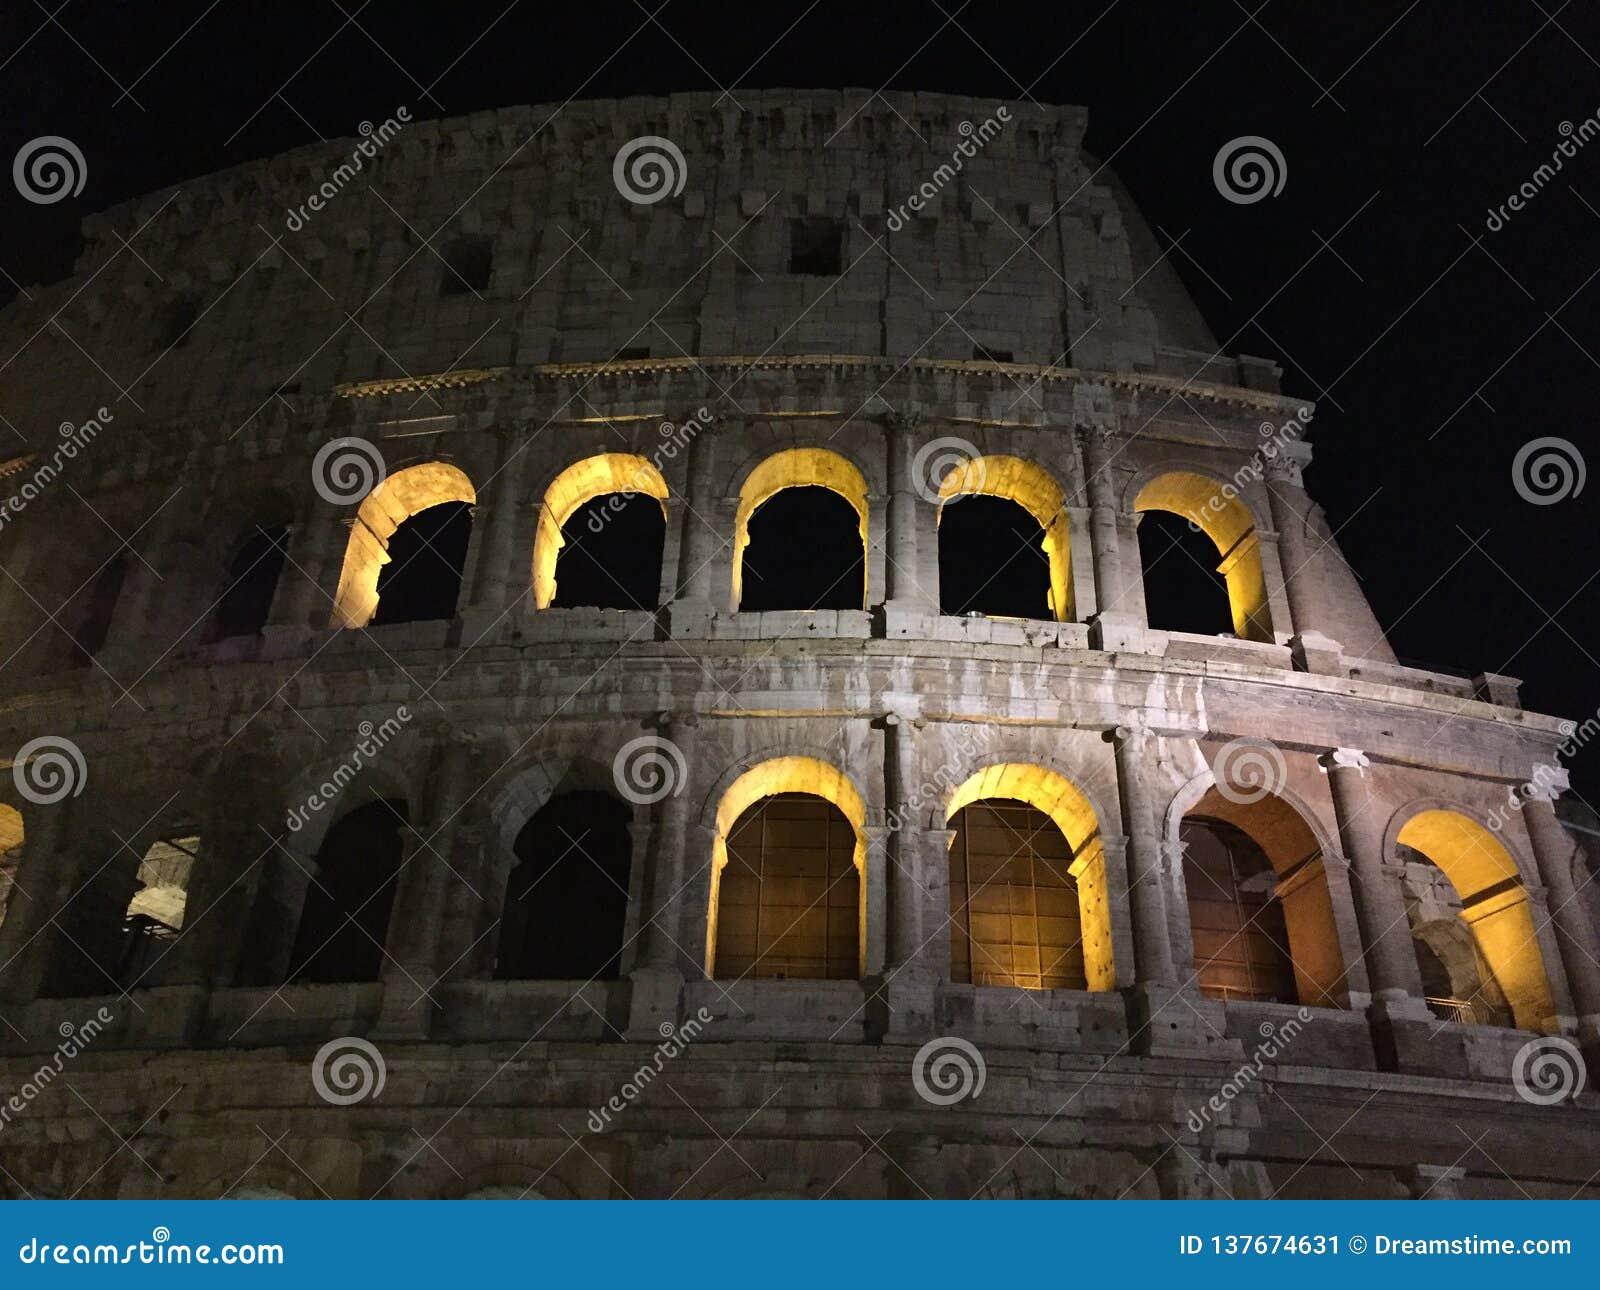 Архитектура, история, старая, здание, театр